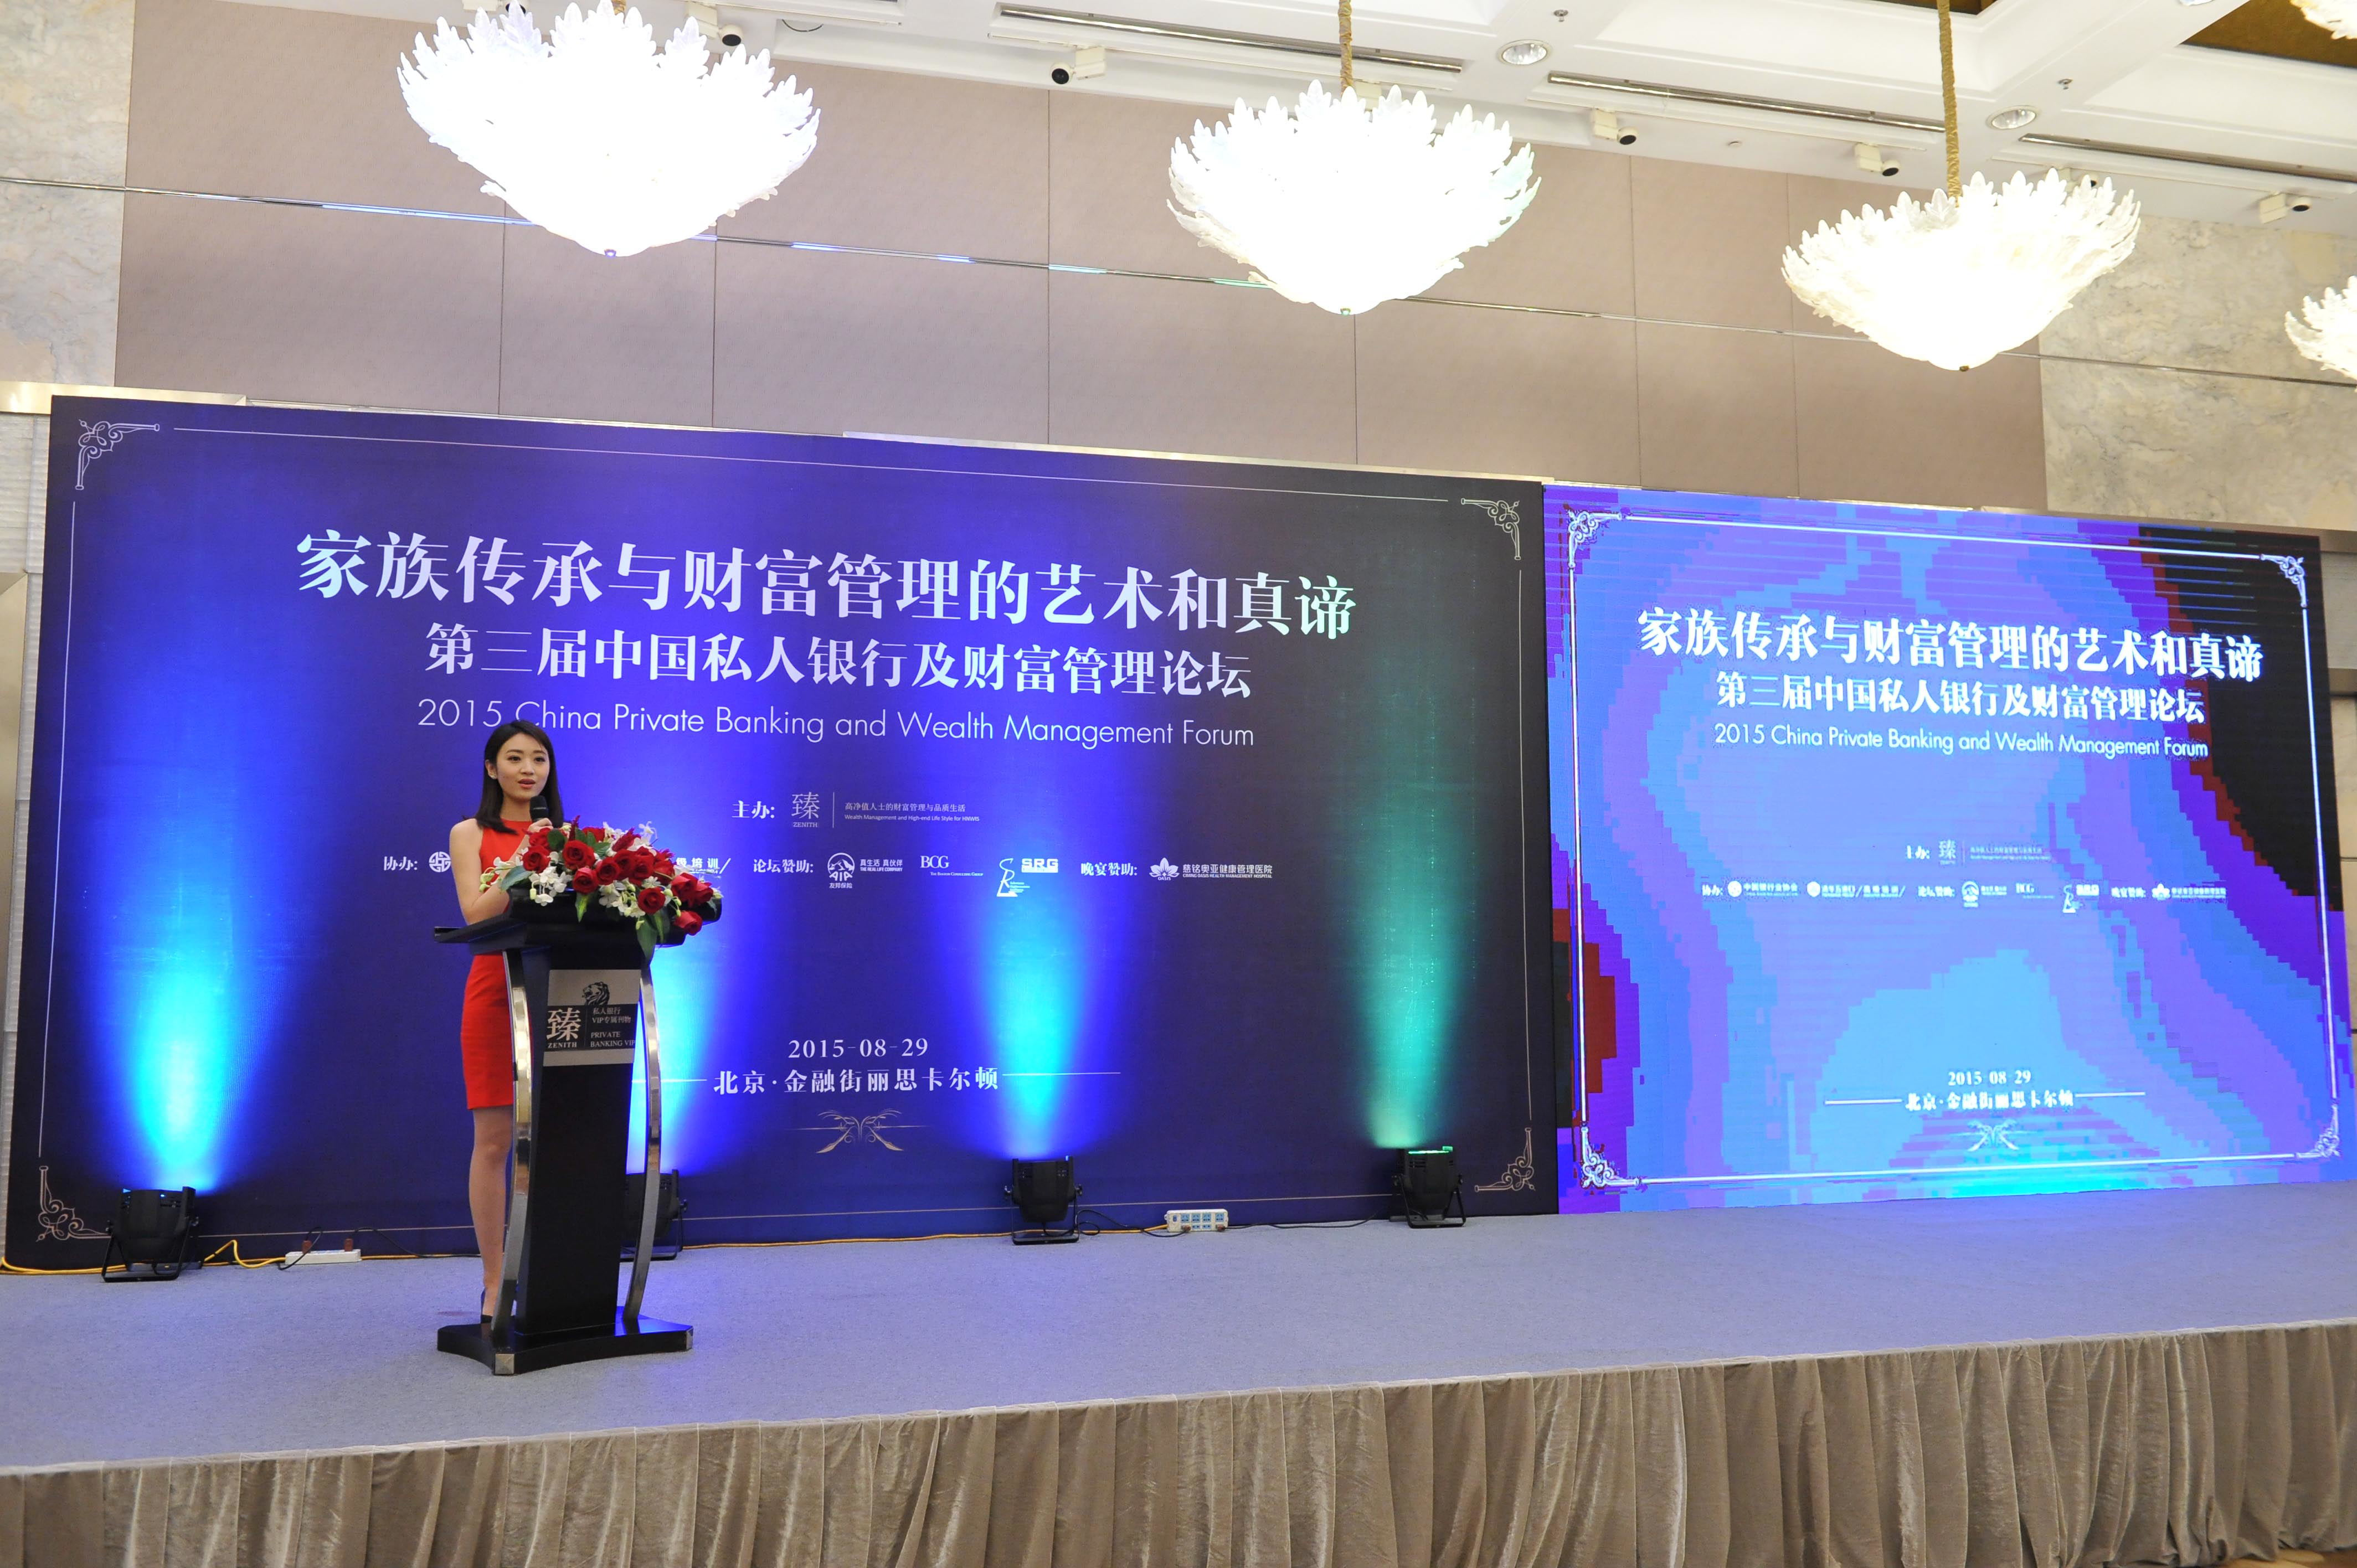 2019 臻 · 海内外资产配置与财富管理华北论坛(北京)